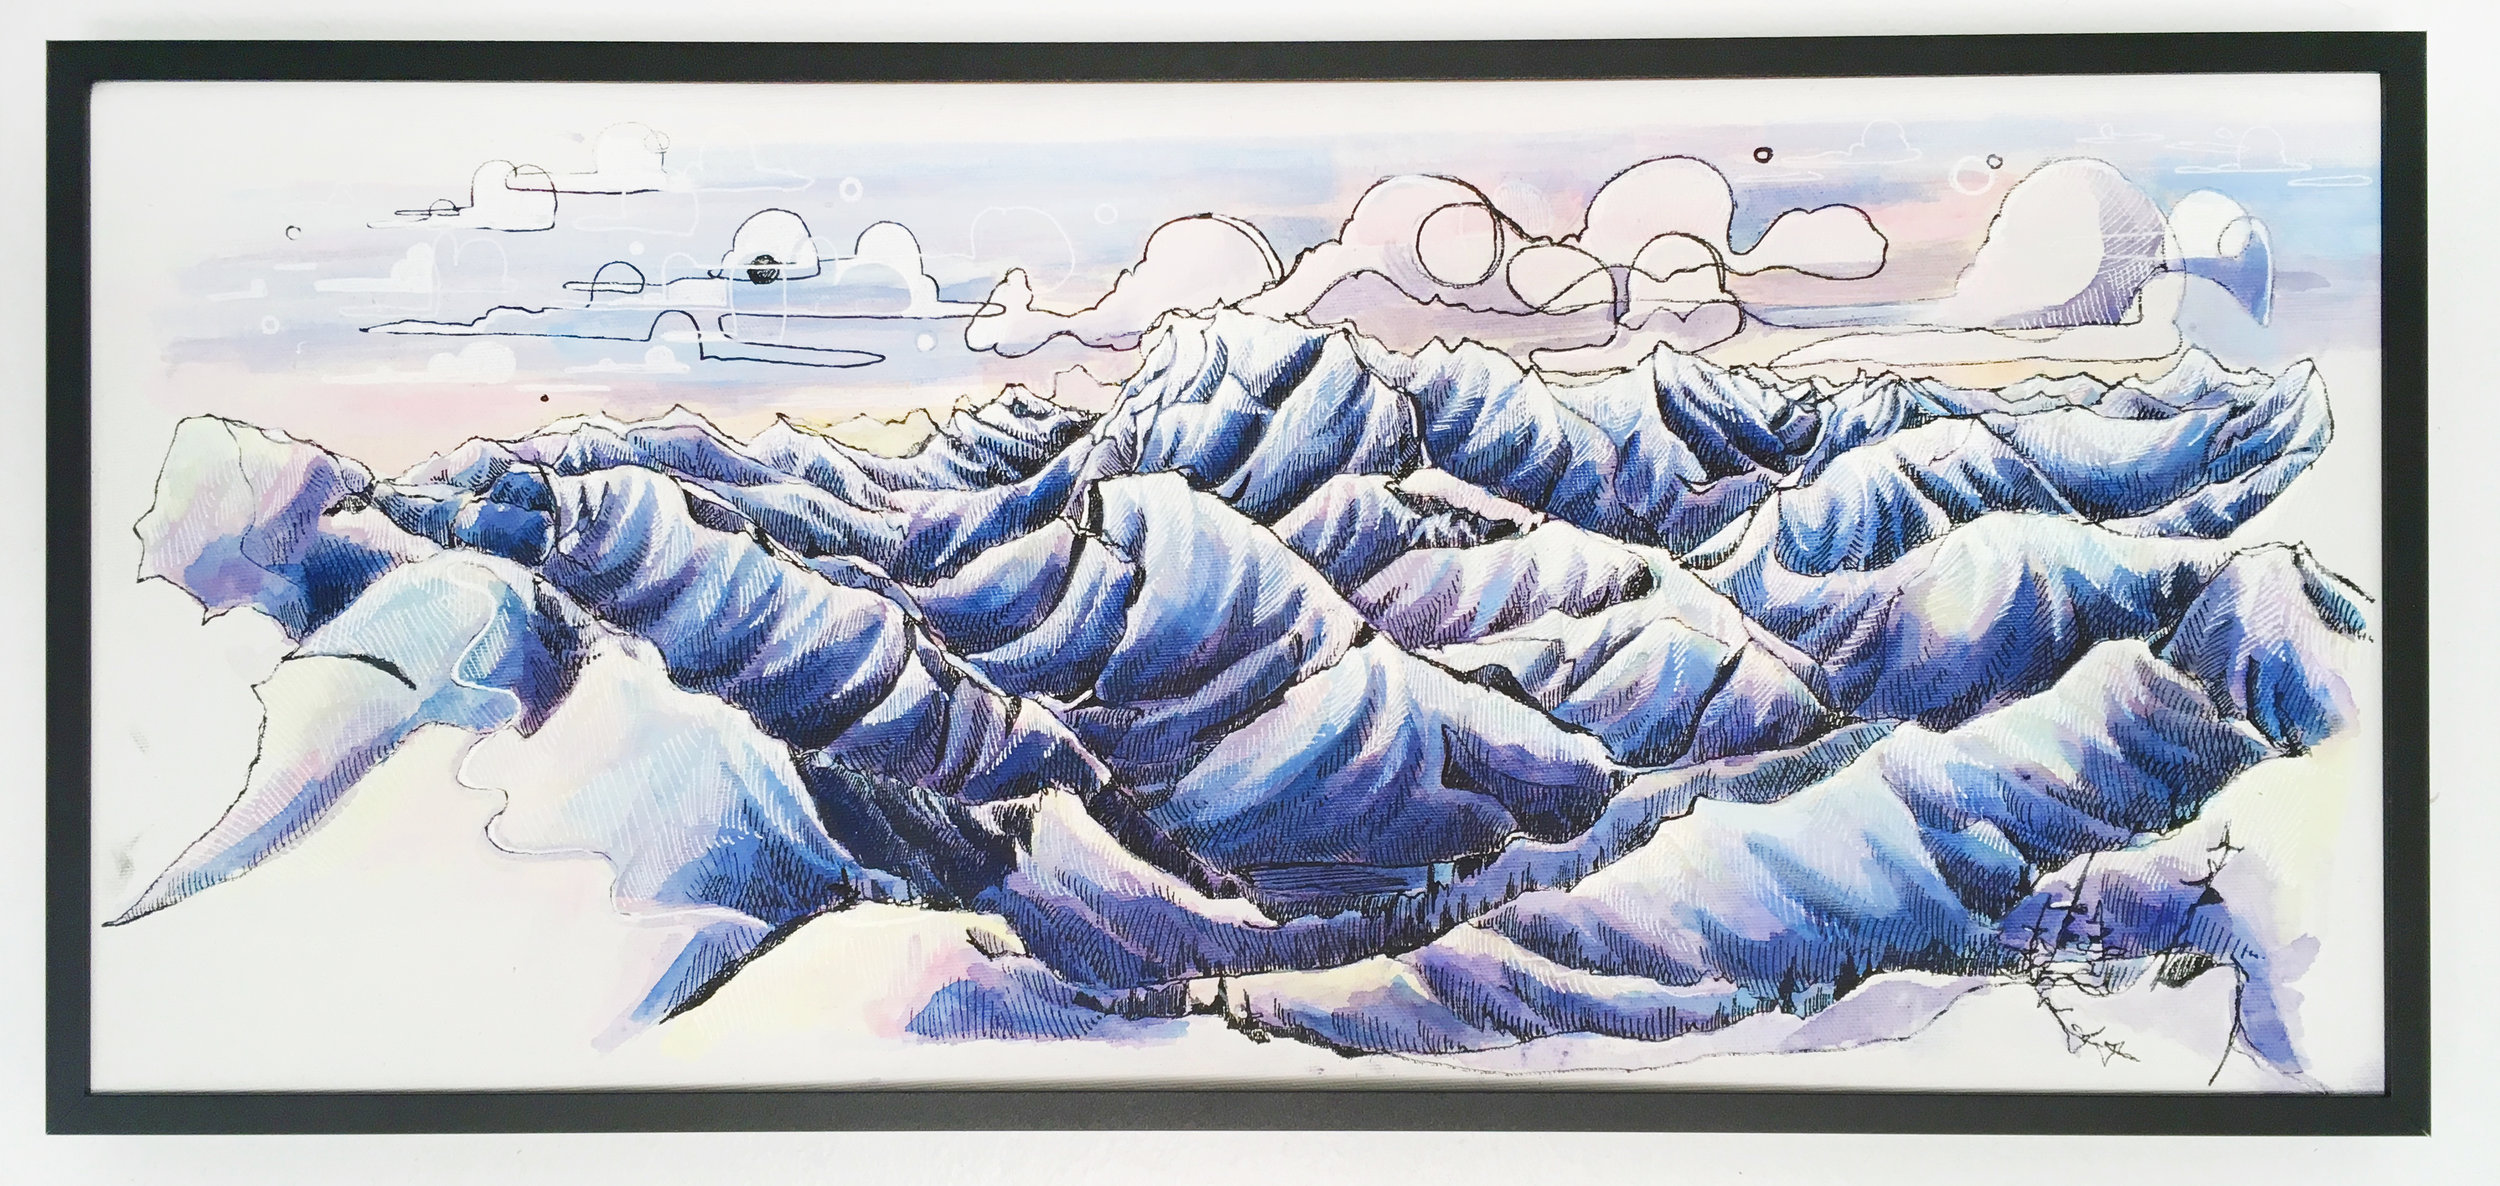 CoastMountainSusets-AcrylicCanvas-12x18.jpg